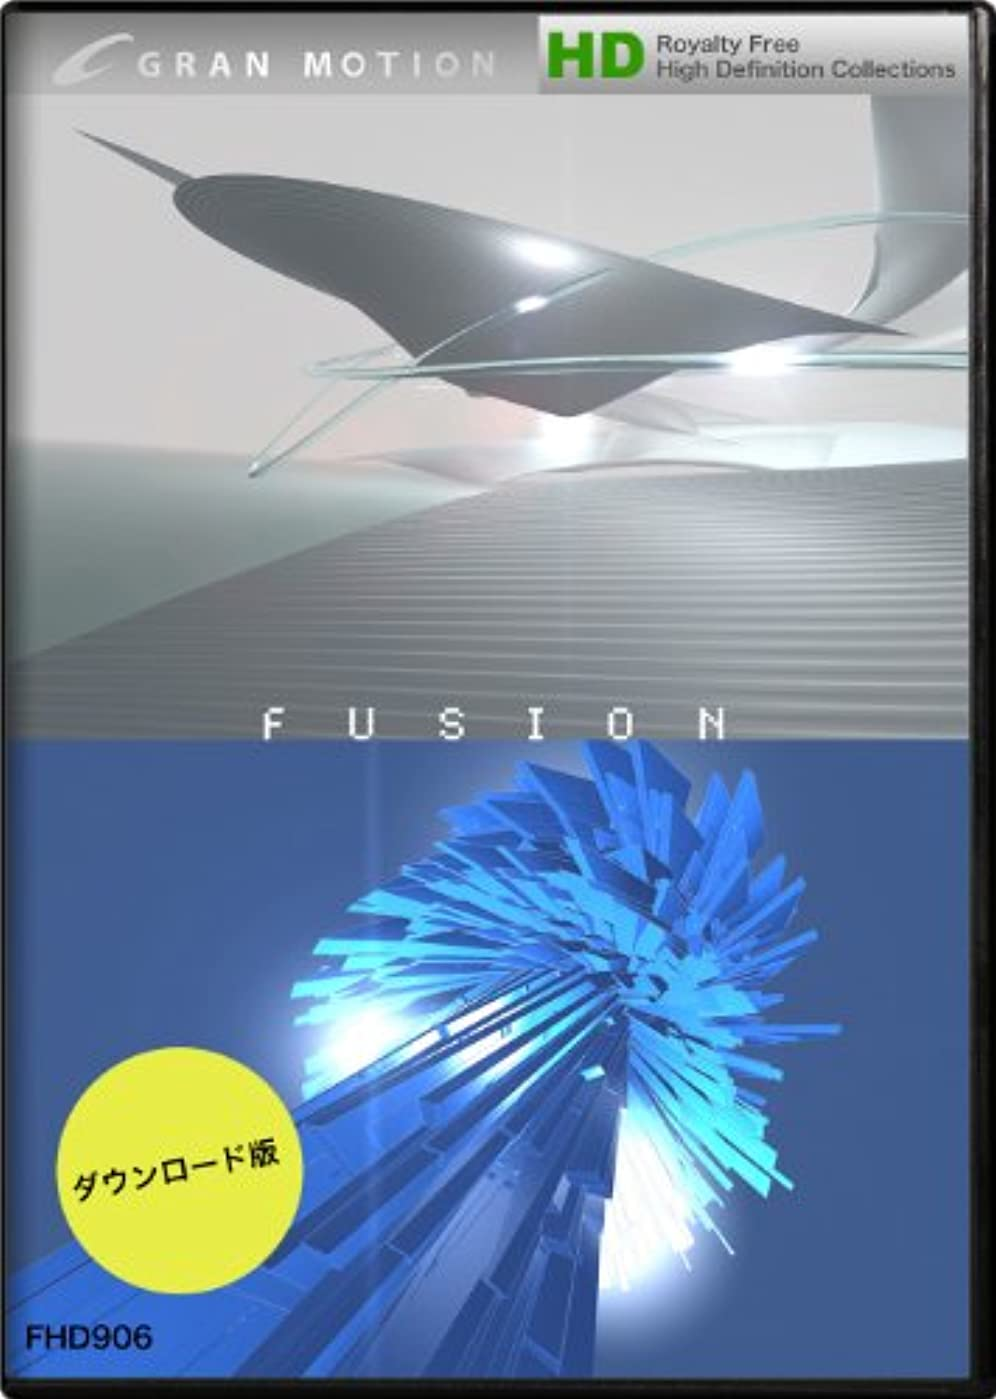 能力パネル隣接するグランモーション FHD906 FUSION / フュージョン [ダウンロード]